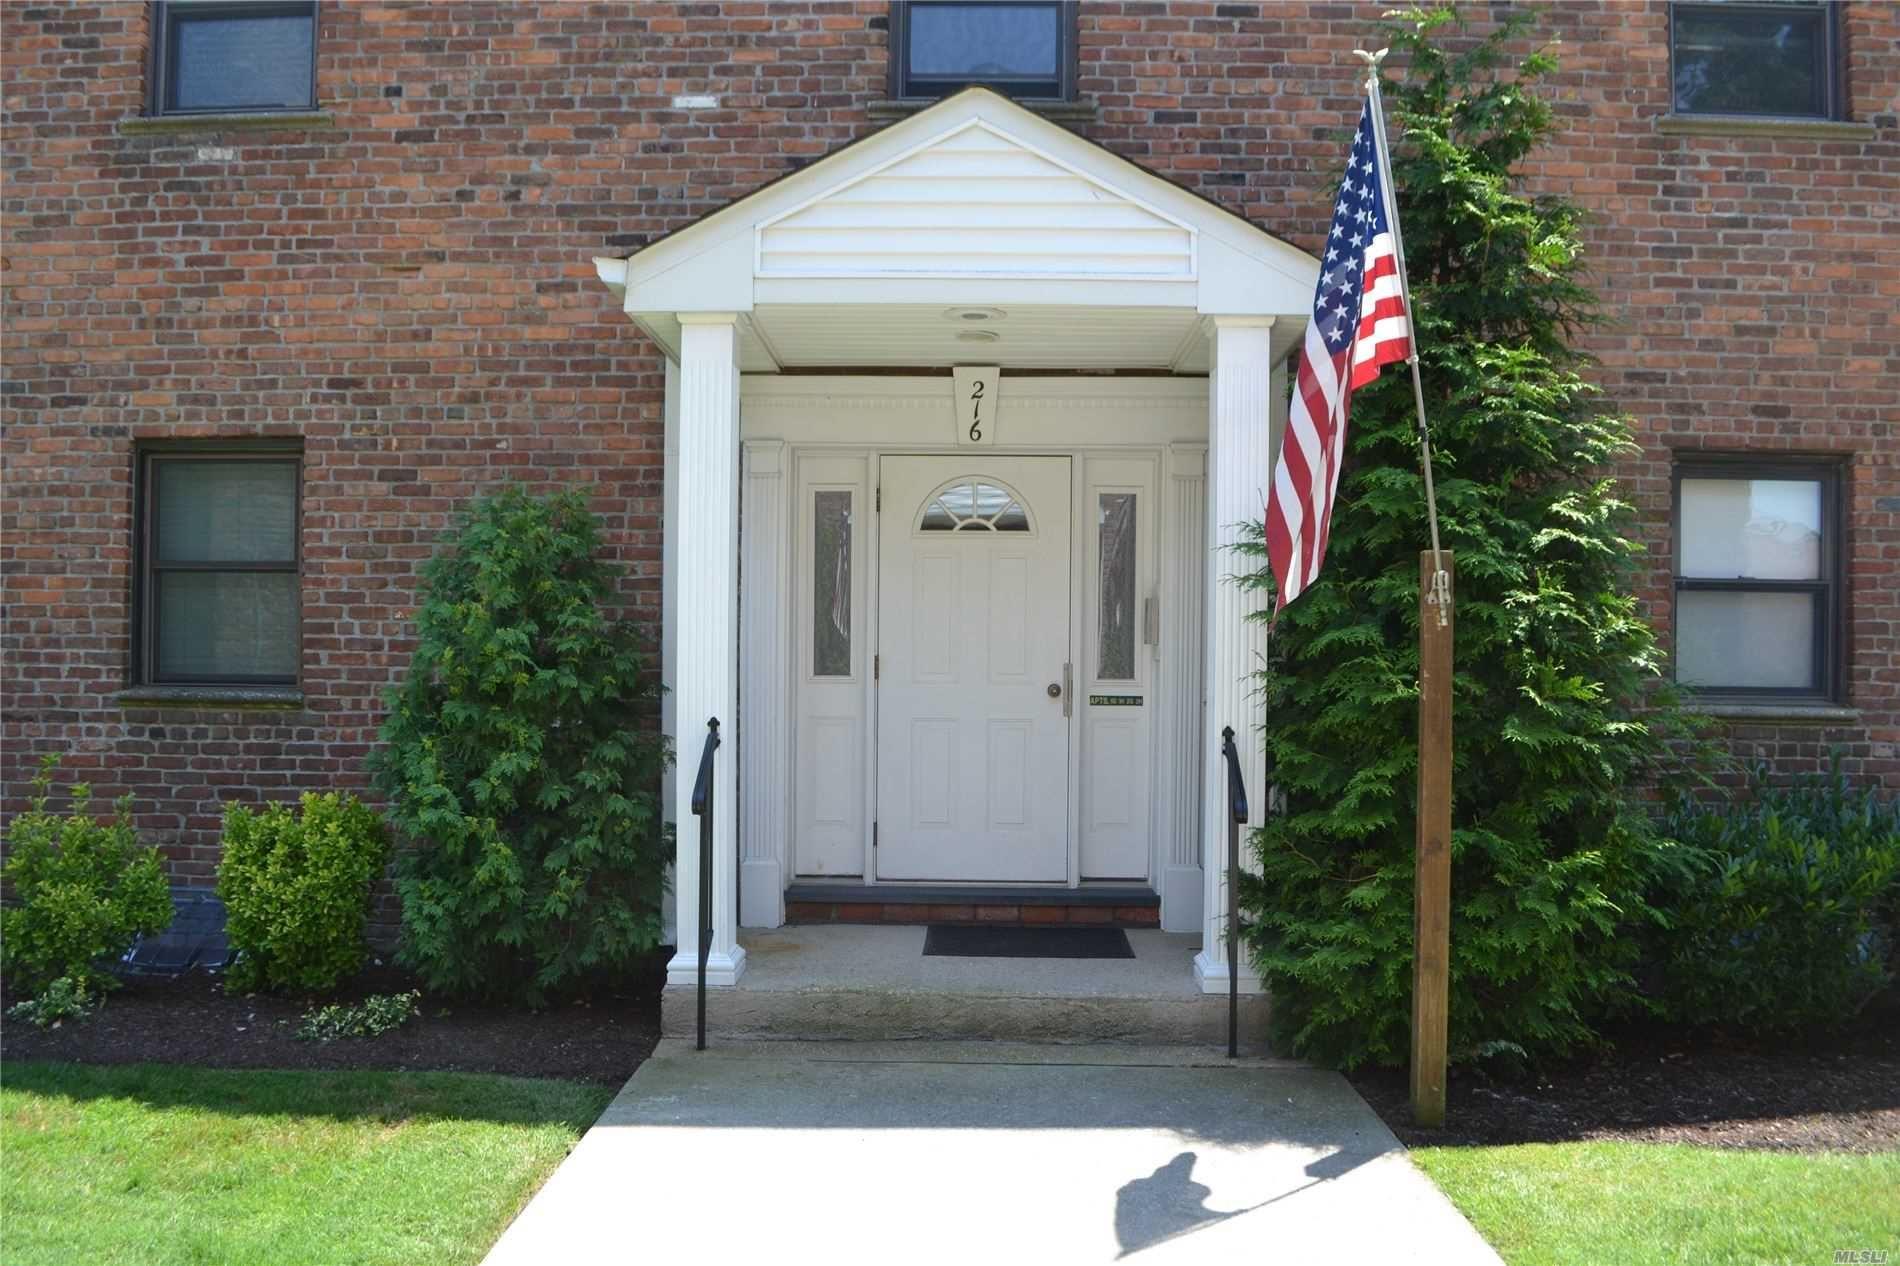 216 Fulton #1G, Farmingdale, NY 11735 - MLS#: 3231261